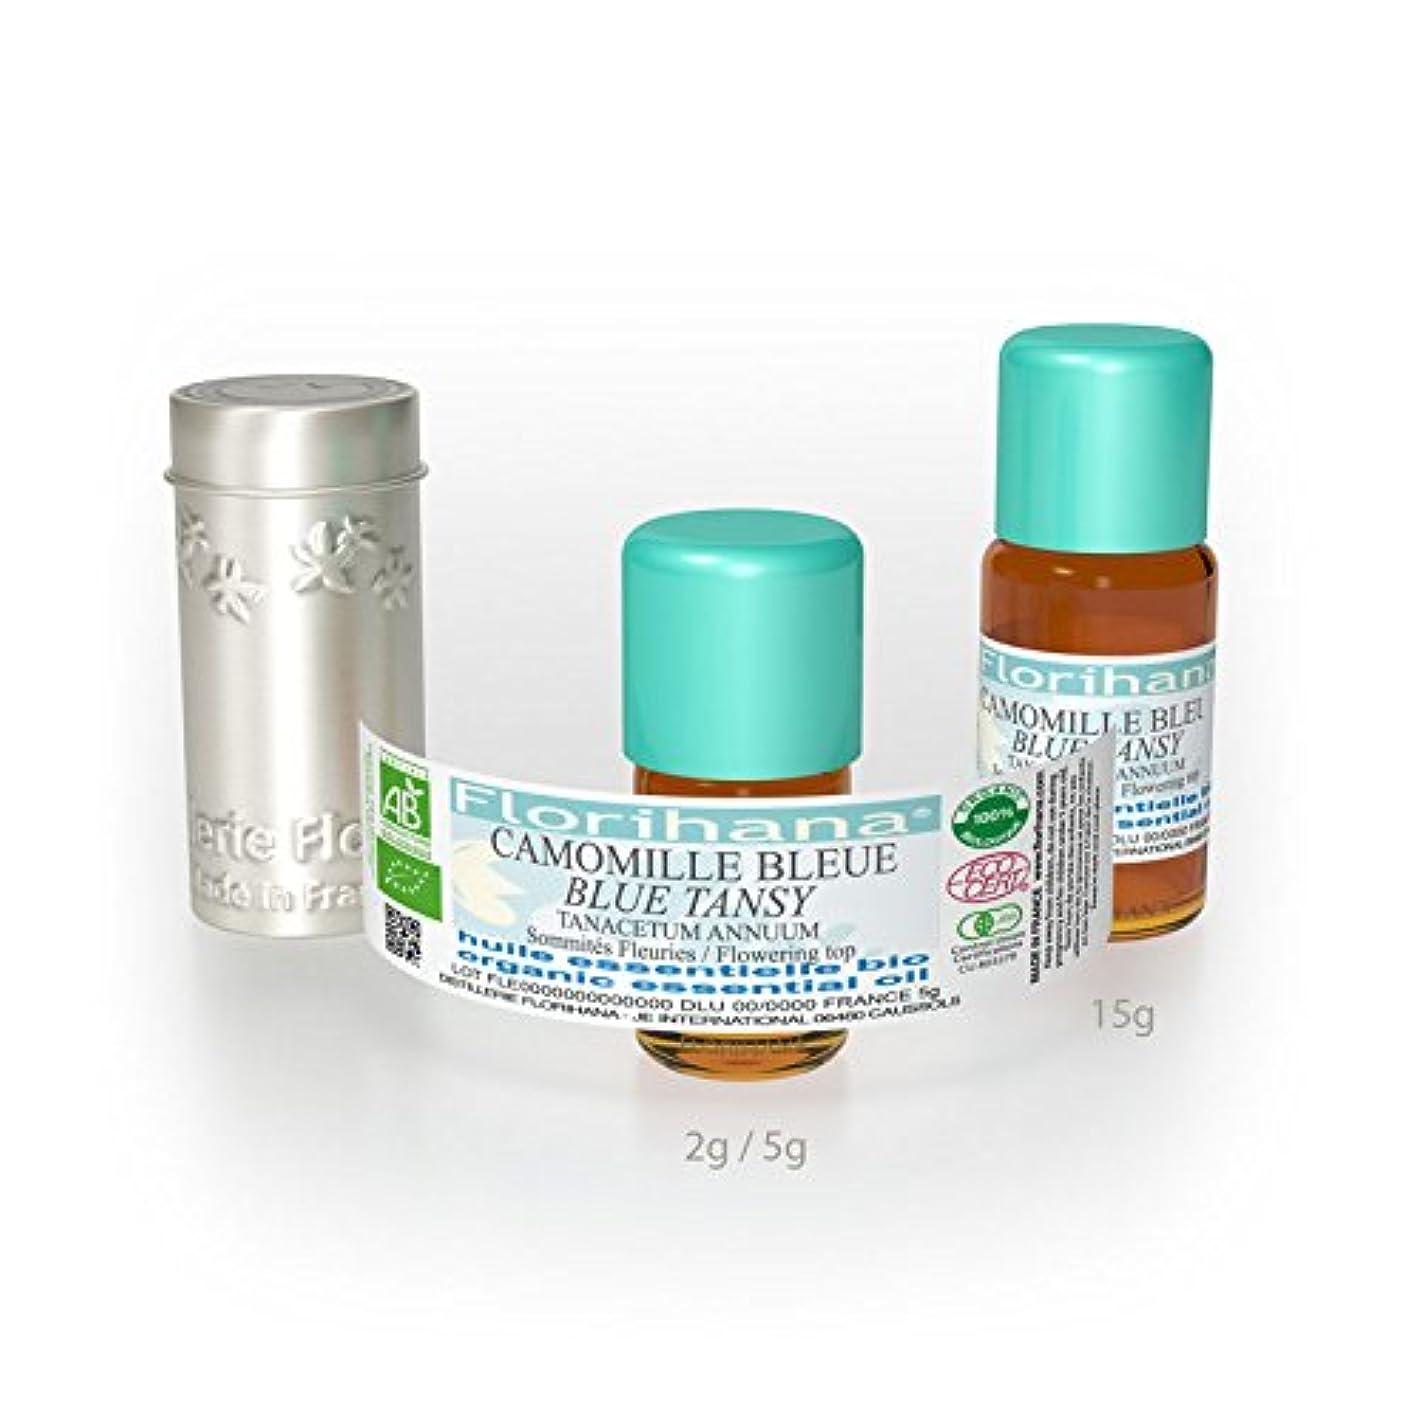 自体人に関する限りお手入れオーガニック エッセンシャルオイル タナセタム ブルーカモミール 5g(5.6ml)